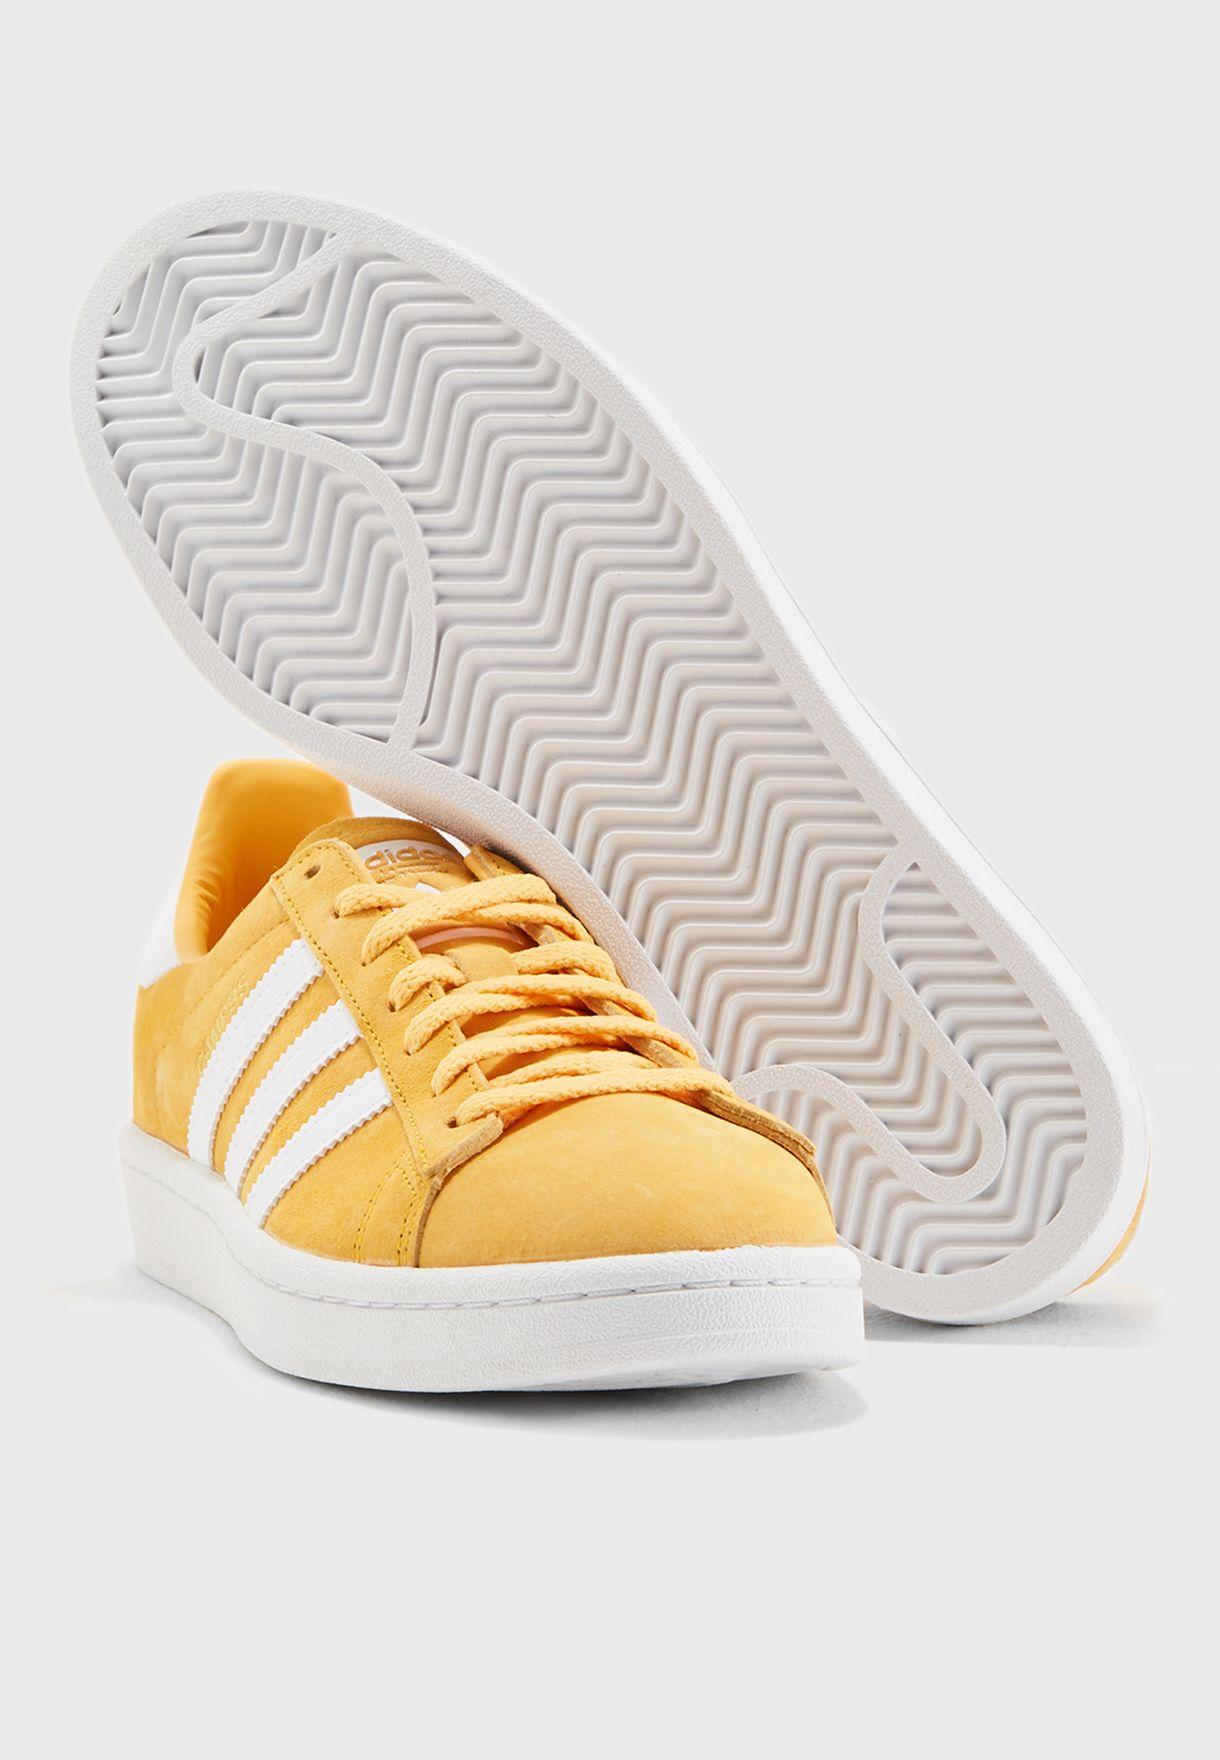 06dcddcad07c33 Shop adidas Originals yellow Campus AQ1071 for Women in UAE ...